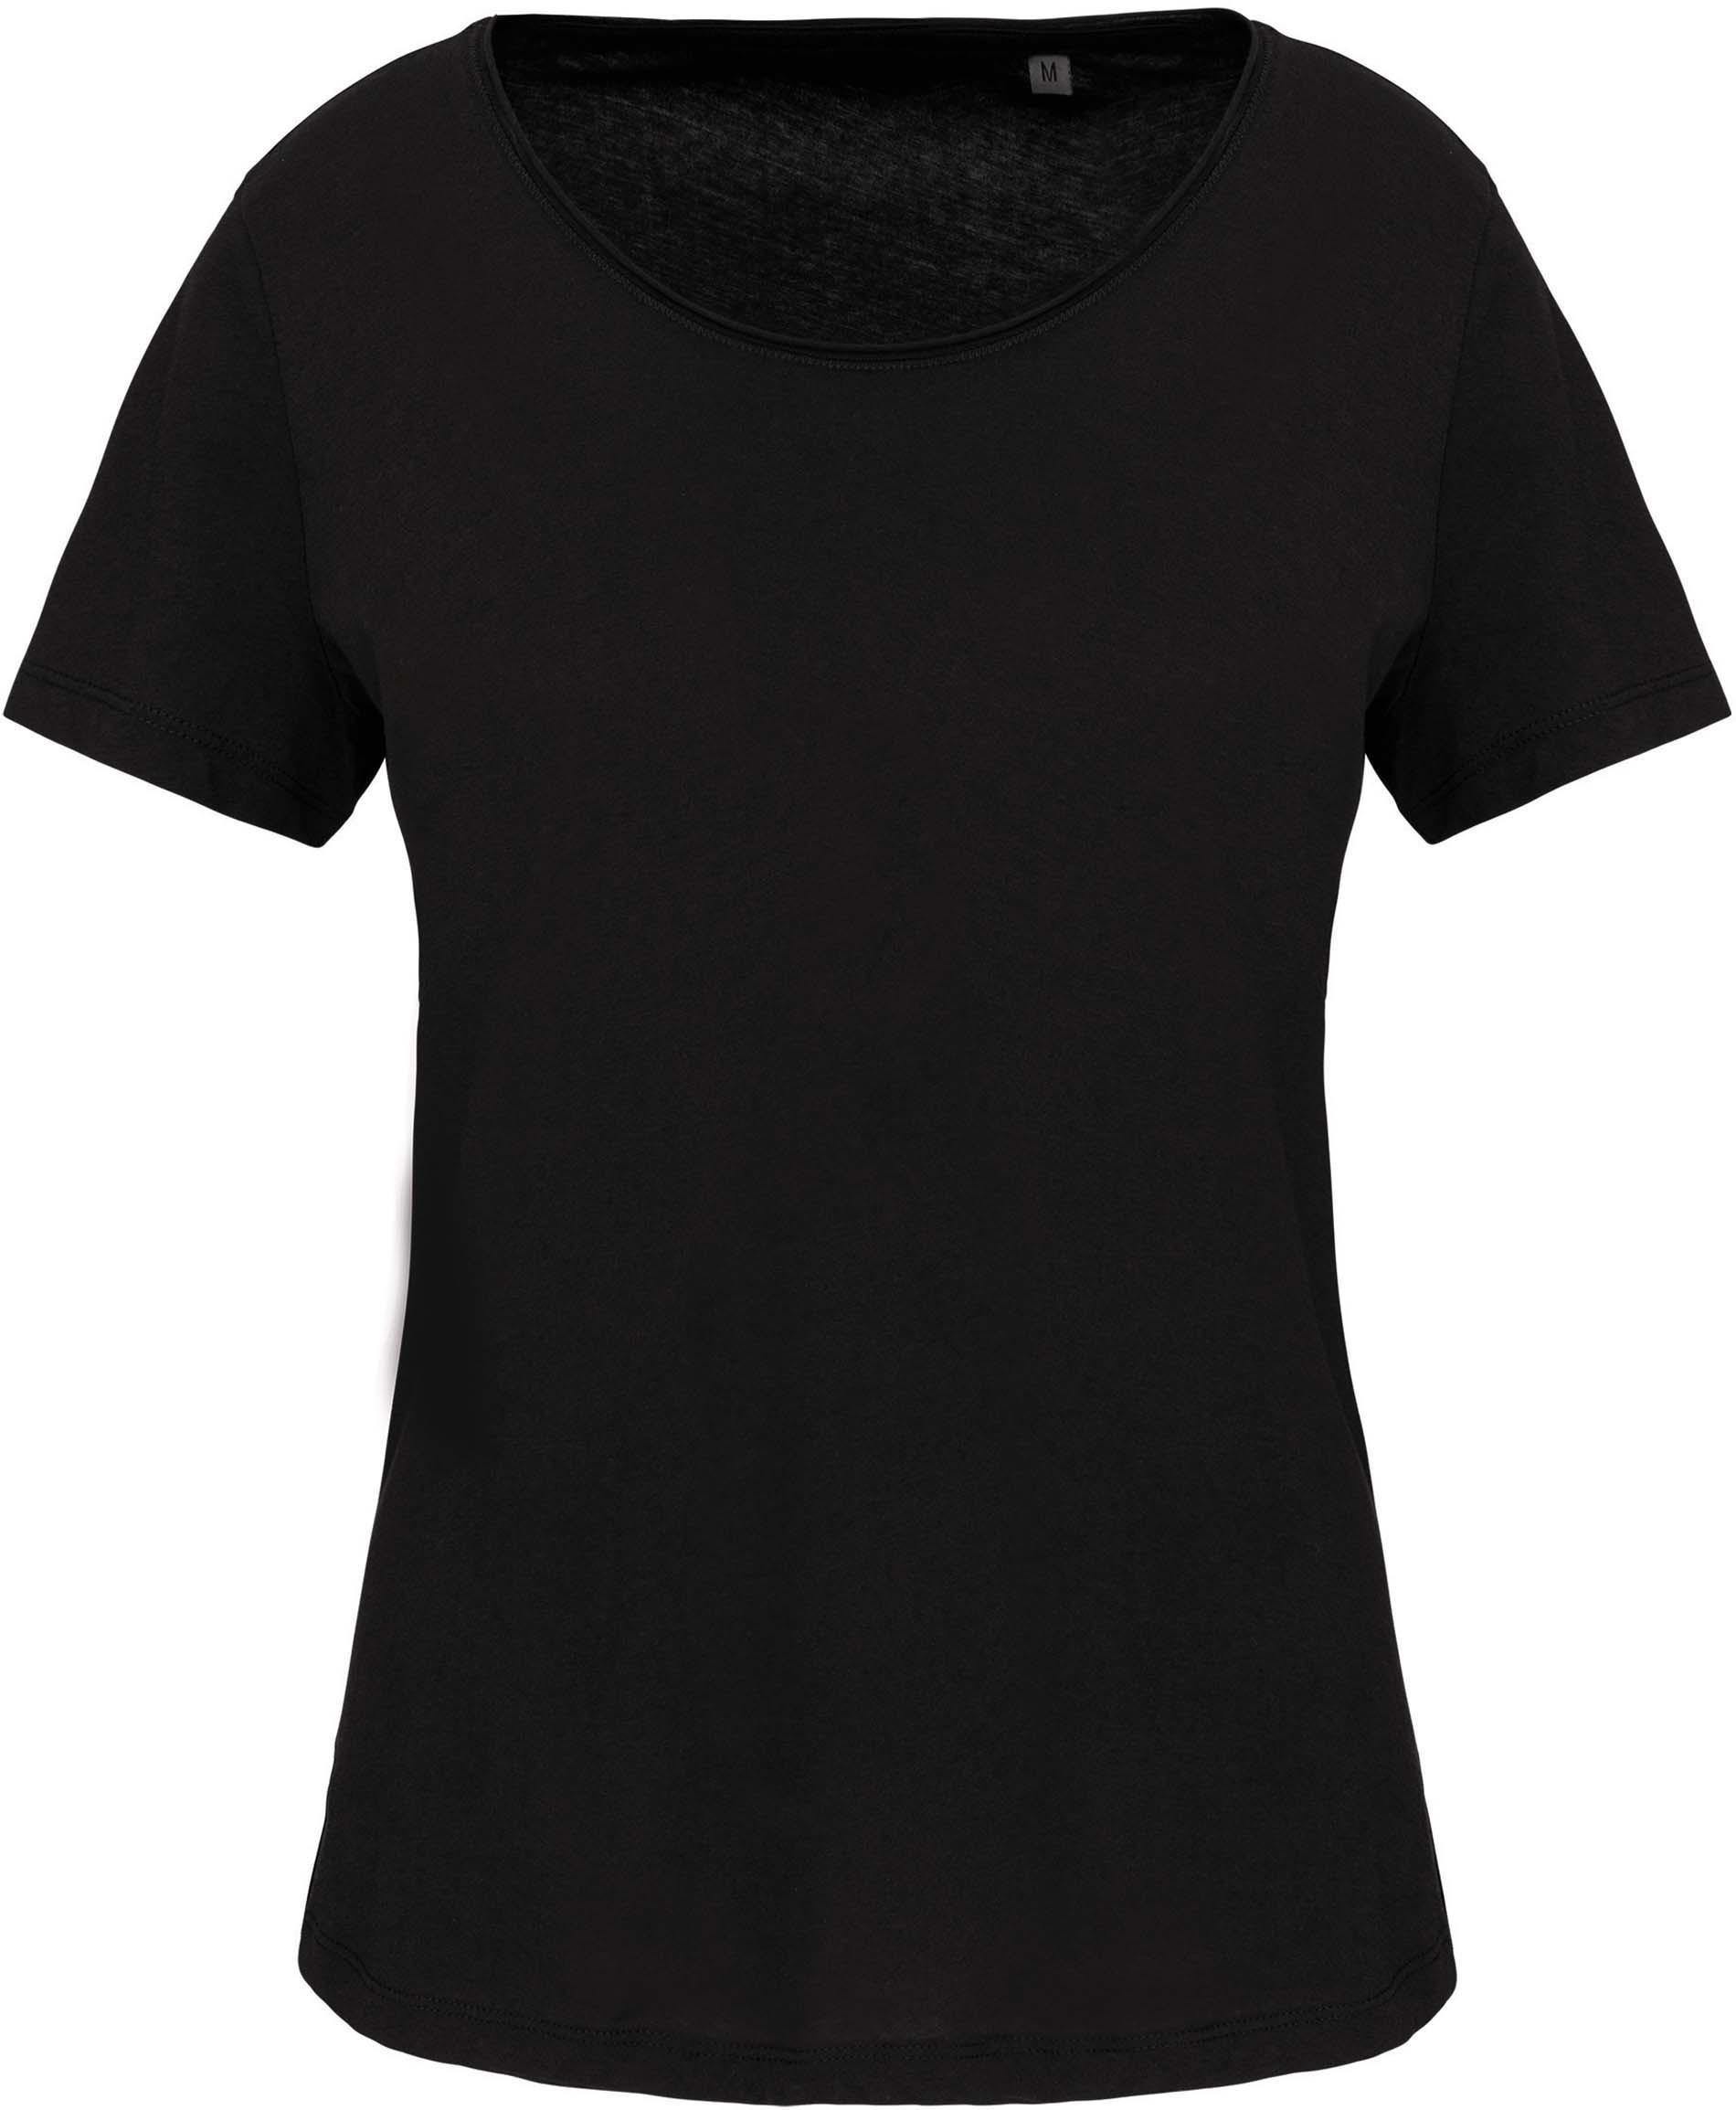 Tee-shirt bio manches courtes femme - 2-1643-6